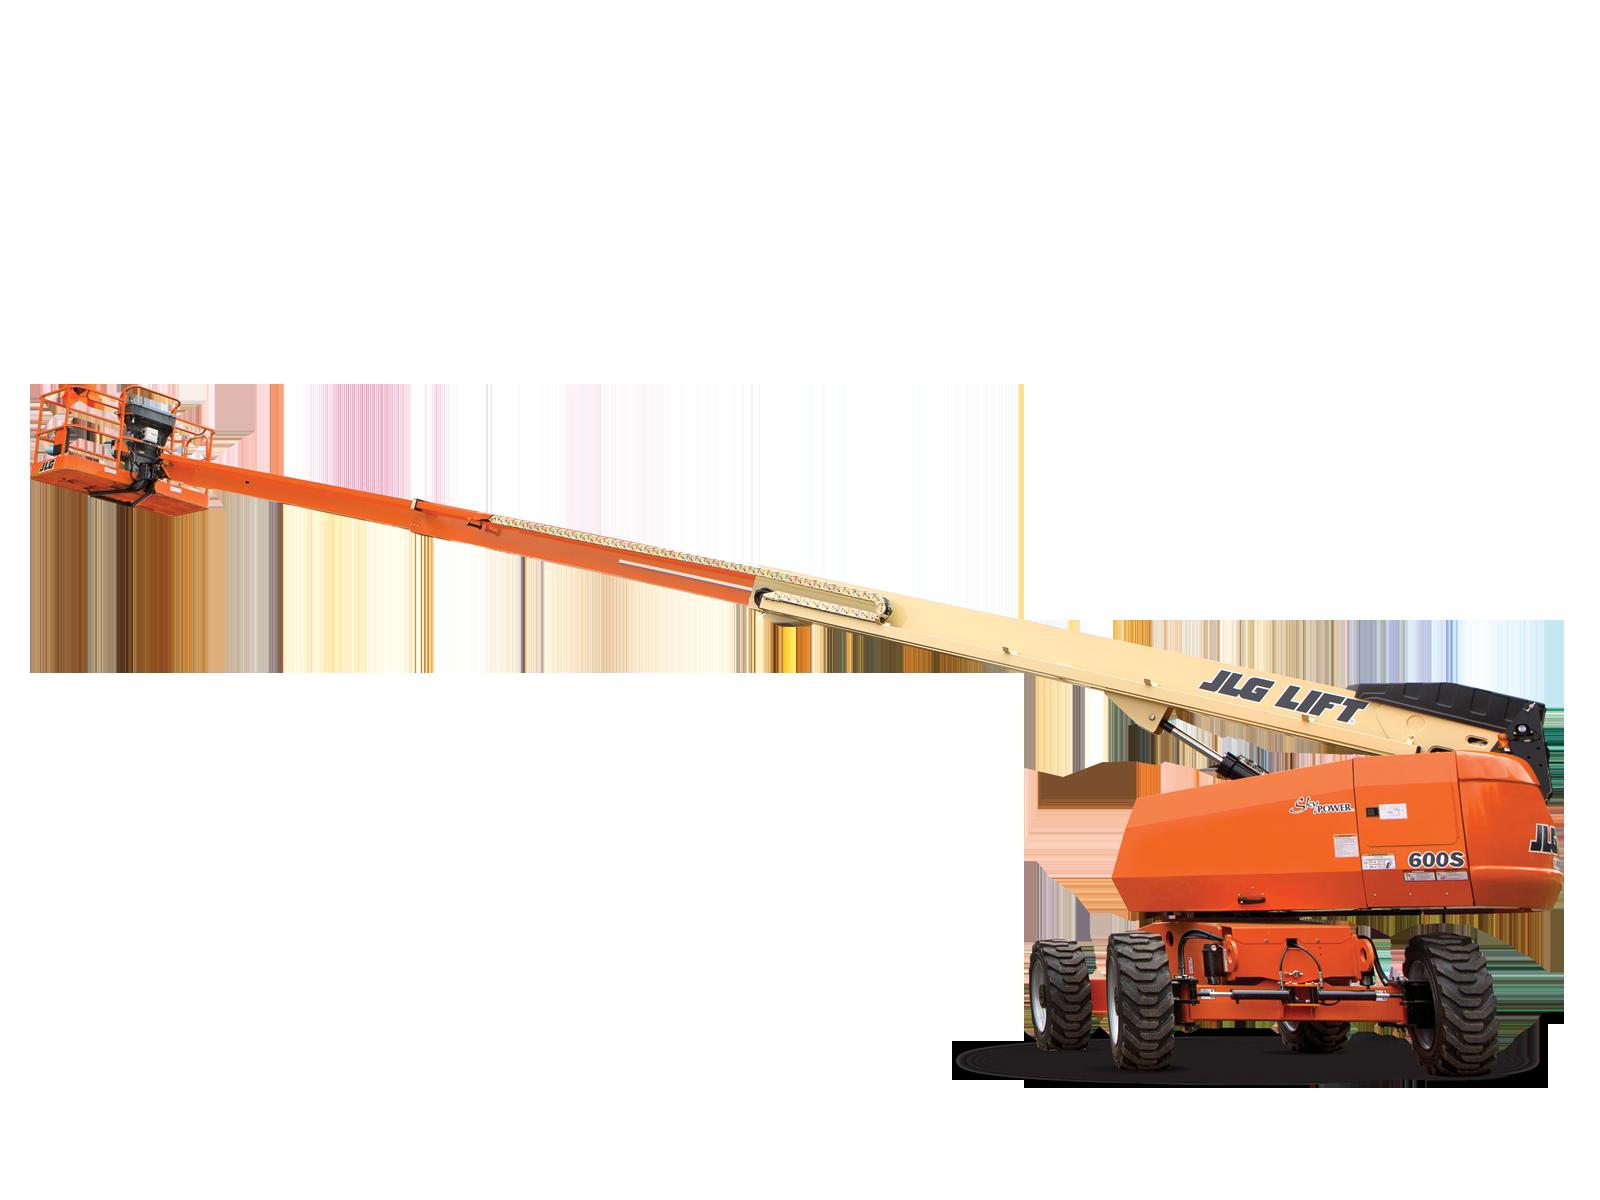 JLG Telescopic Boom Lifts 600S